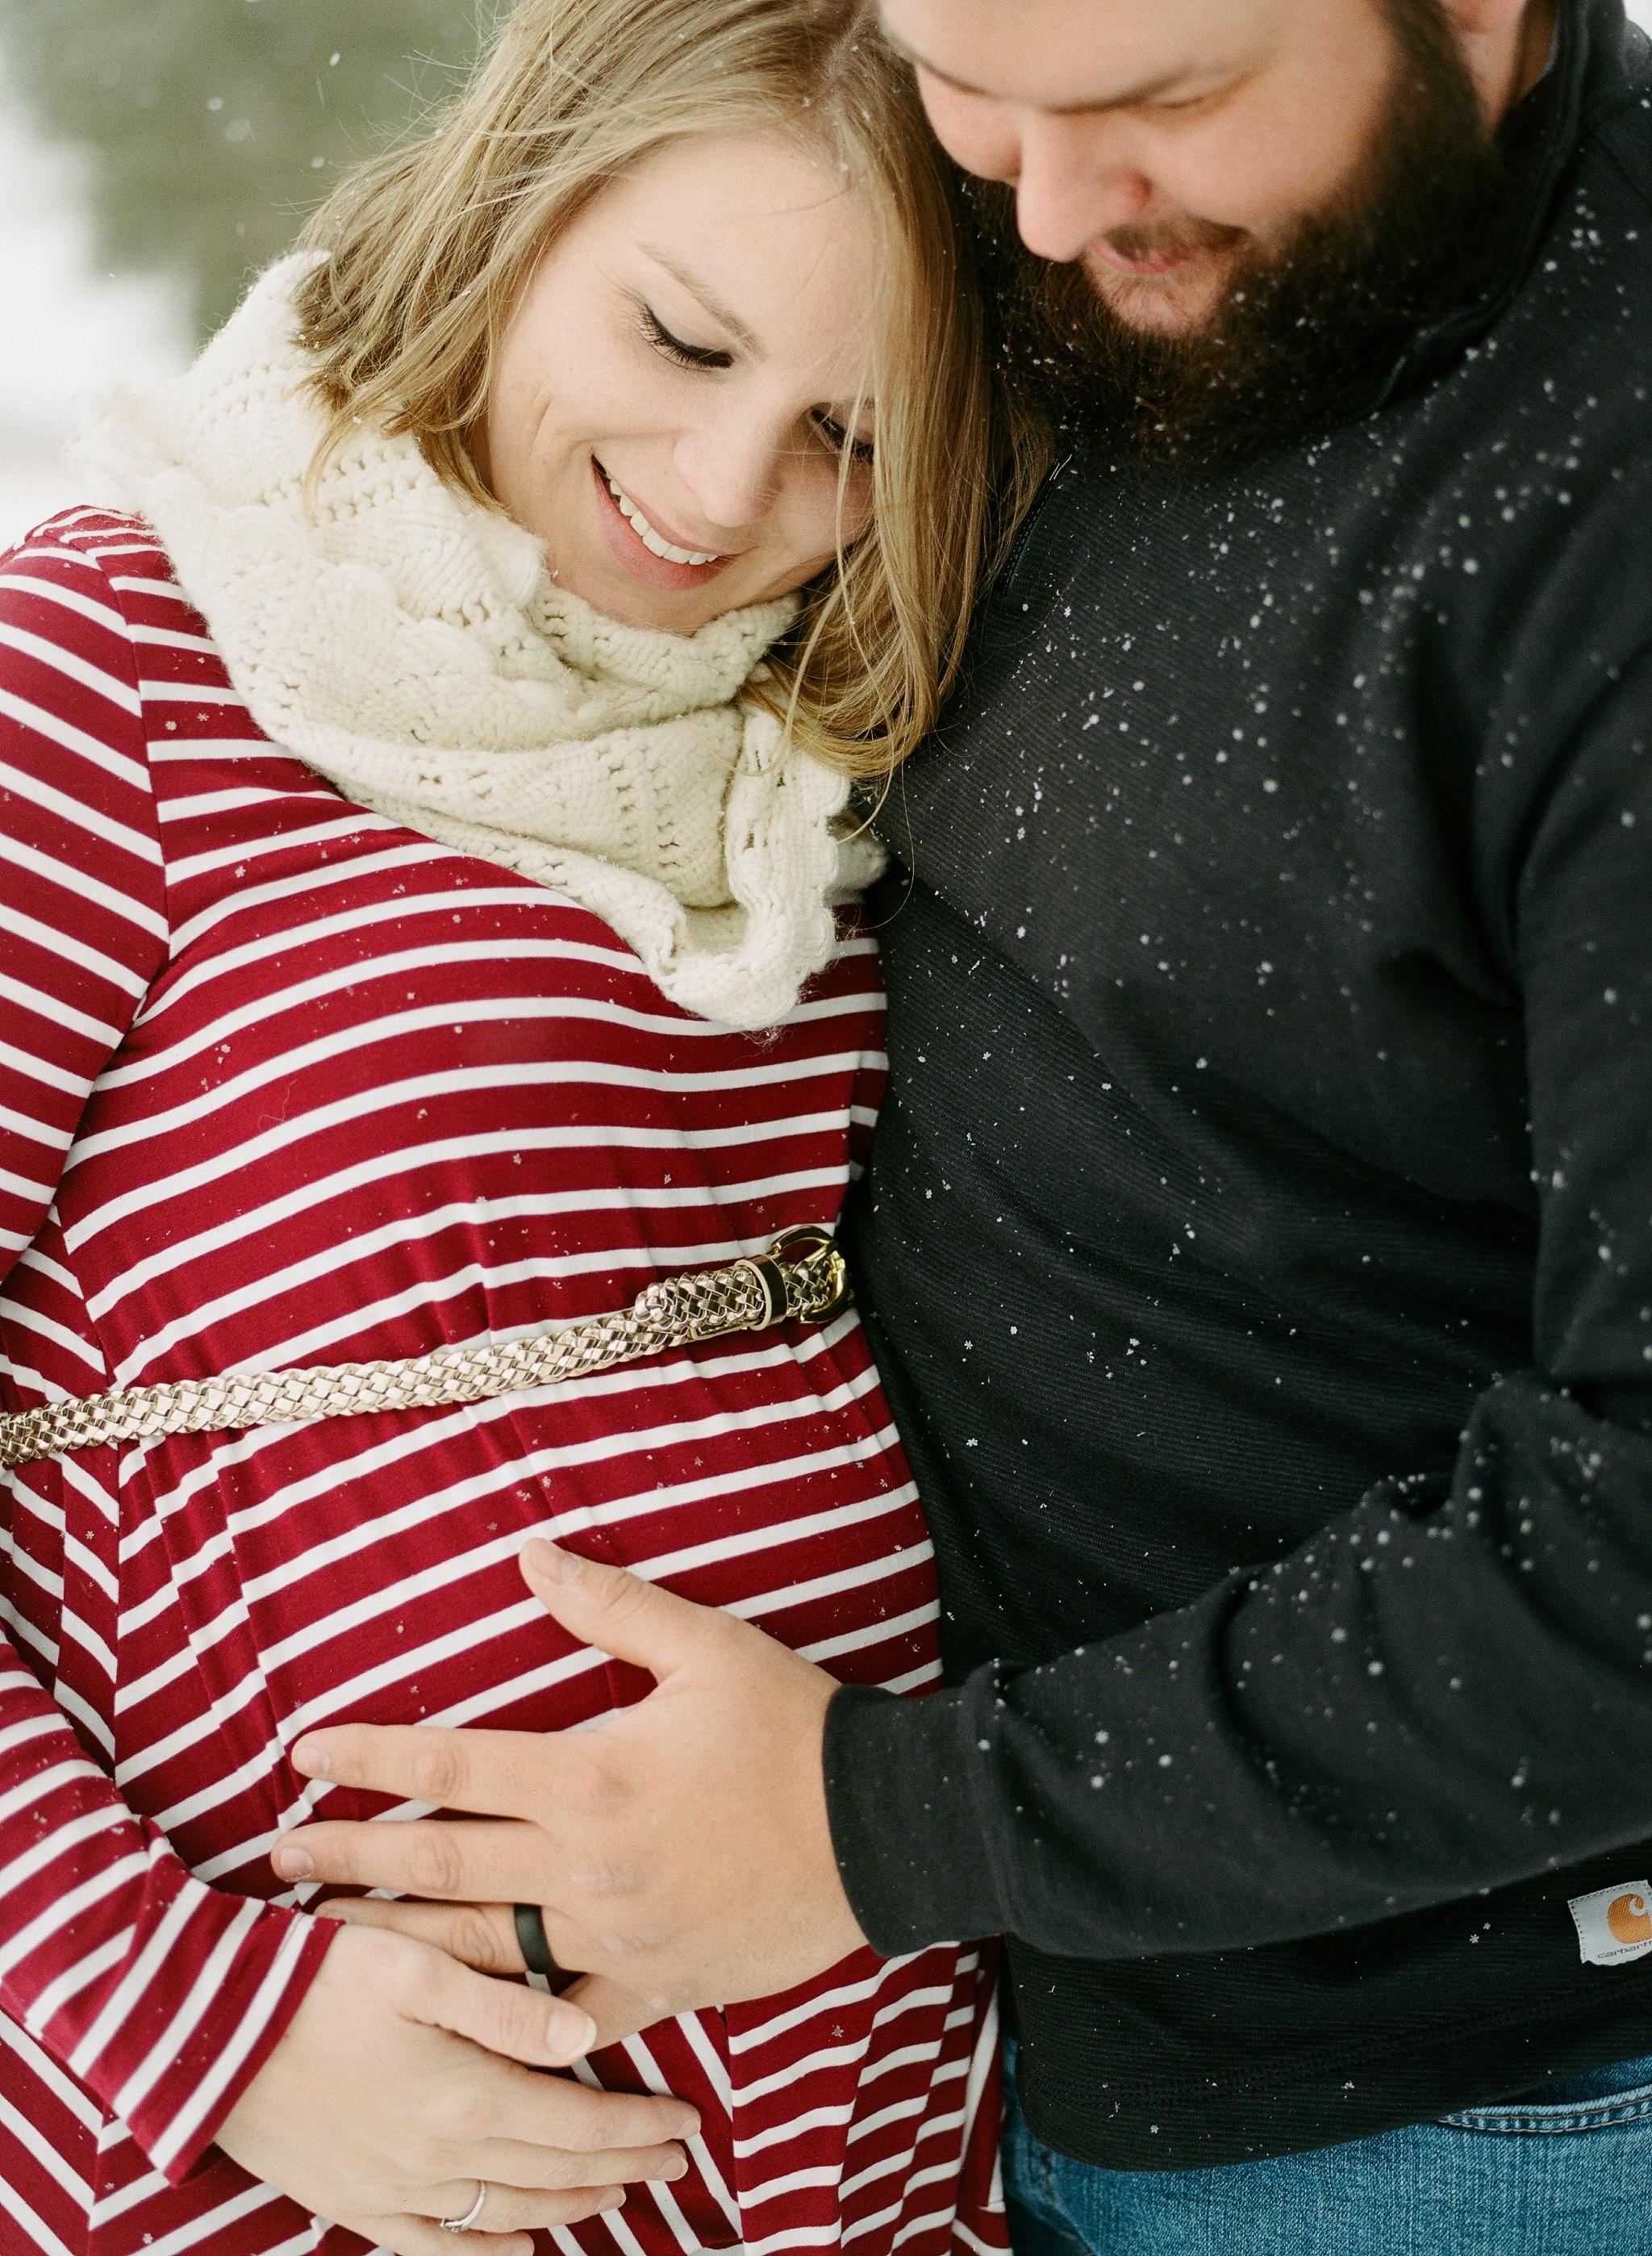 Winter pregnancy photos